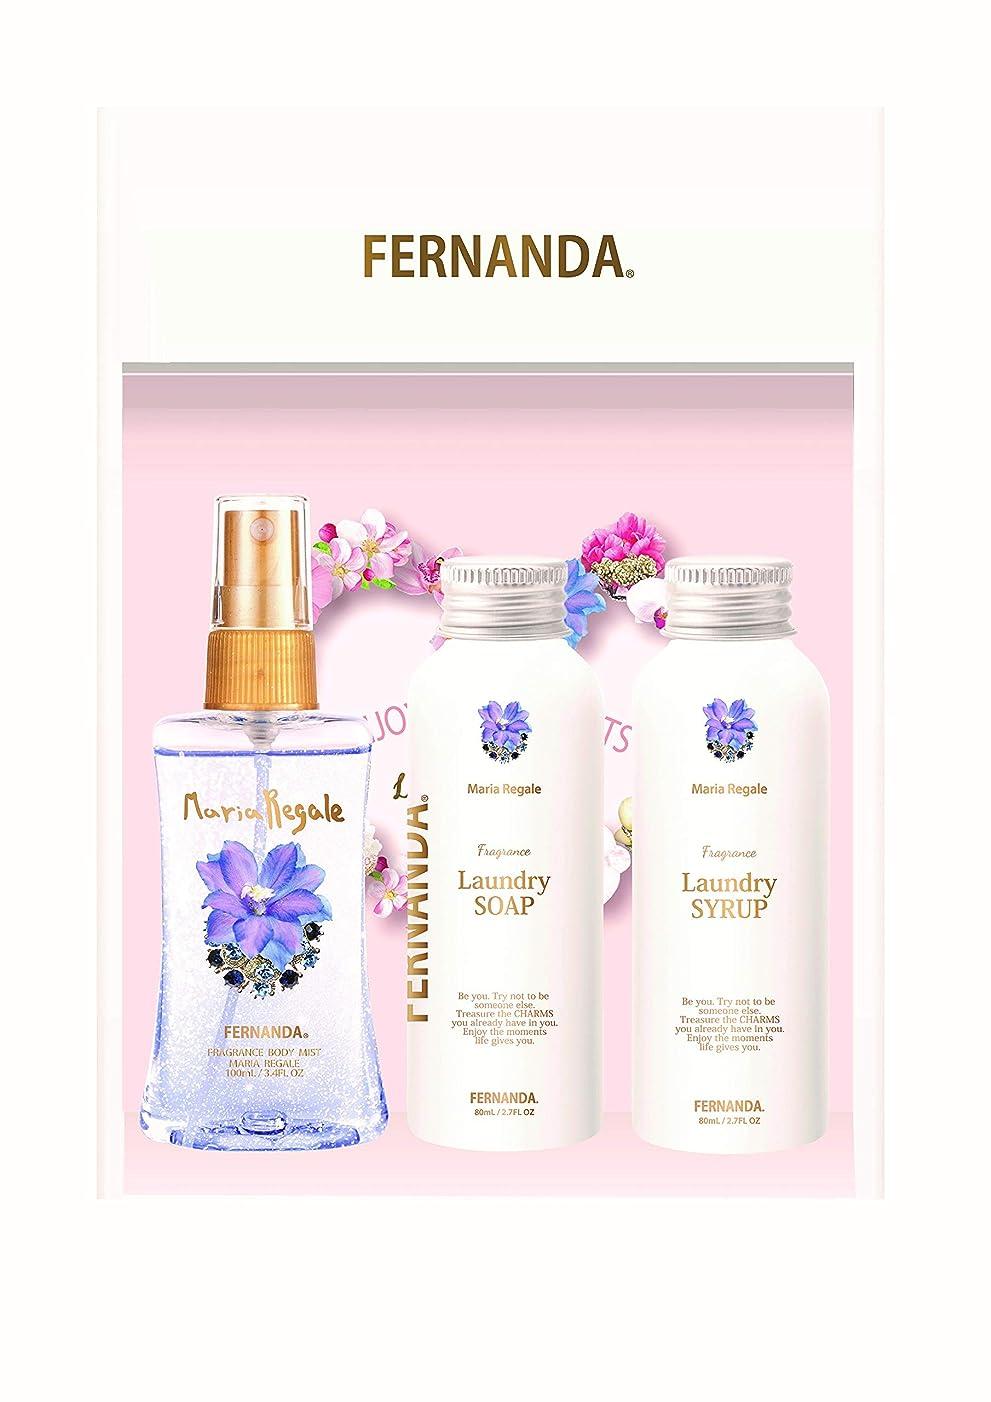 欠如天皇祝福するFERNANDA(フェルナンダ)Mist & Laundry Soap & Laungry Syrup Gift Set Maria Regale (ミスト&ランドリーソープ & ランドリーシロップ ギフトセット マリアリゲル)